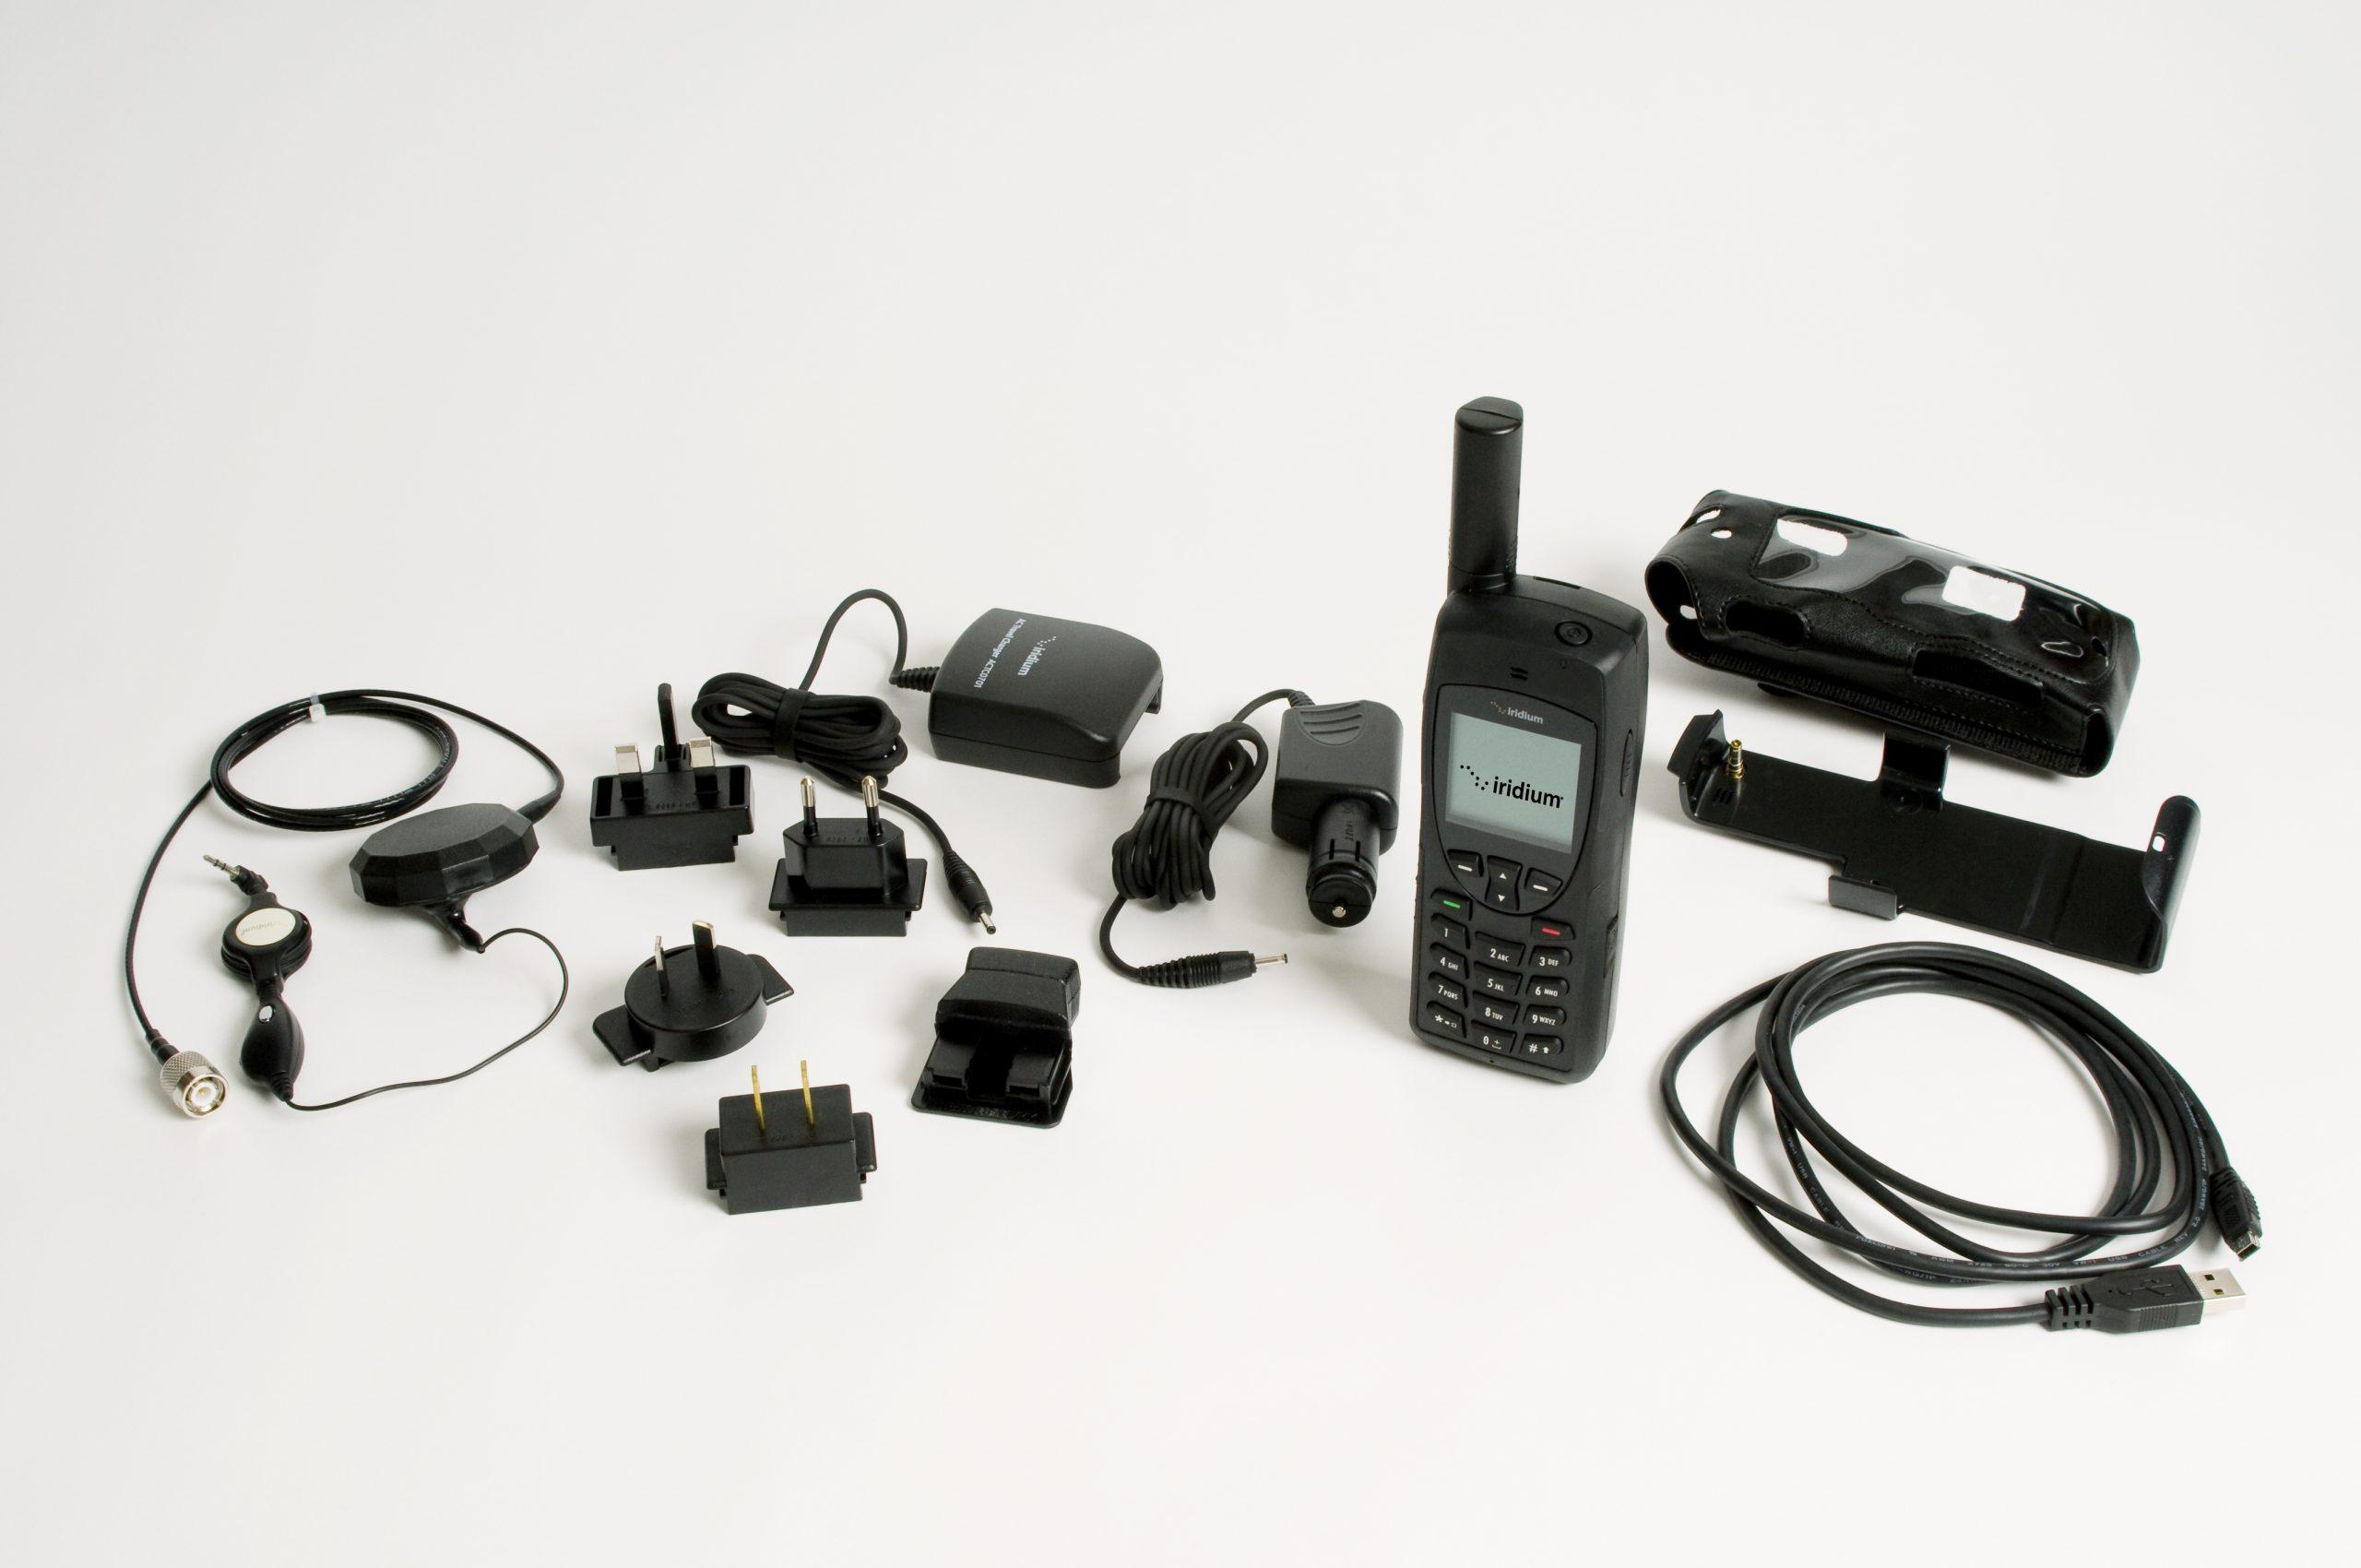 Iridium 9555 satellite phone and accessories